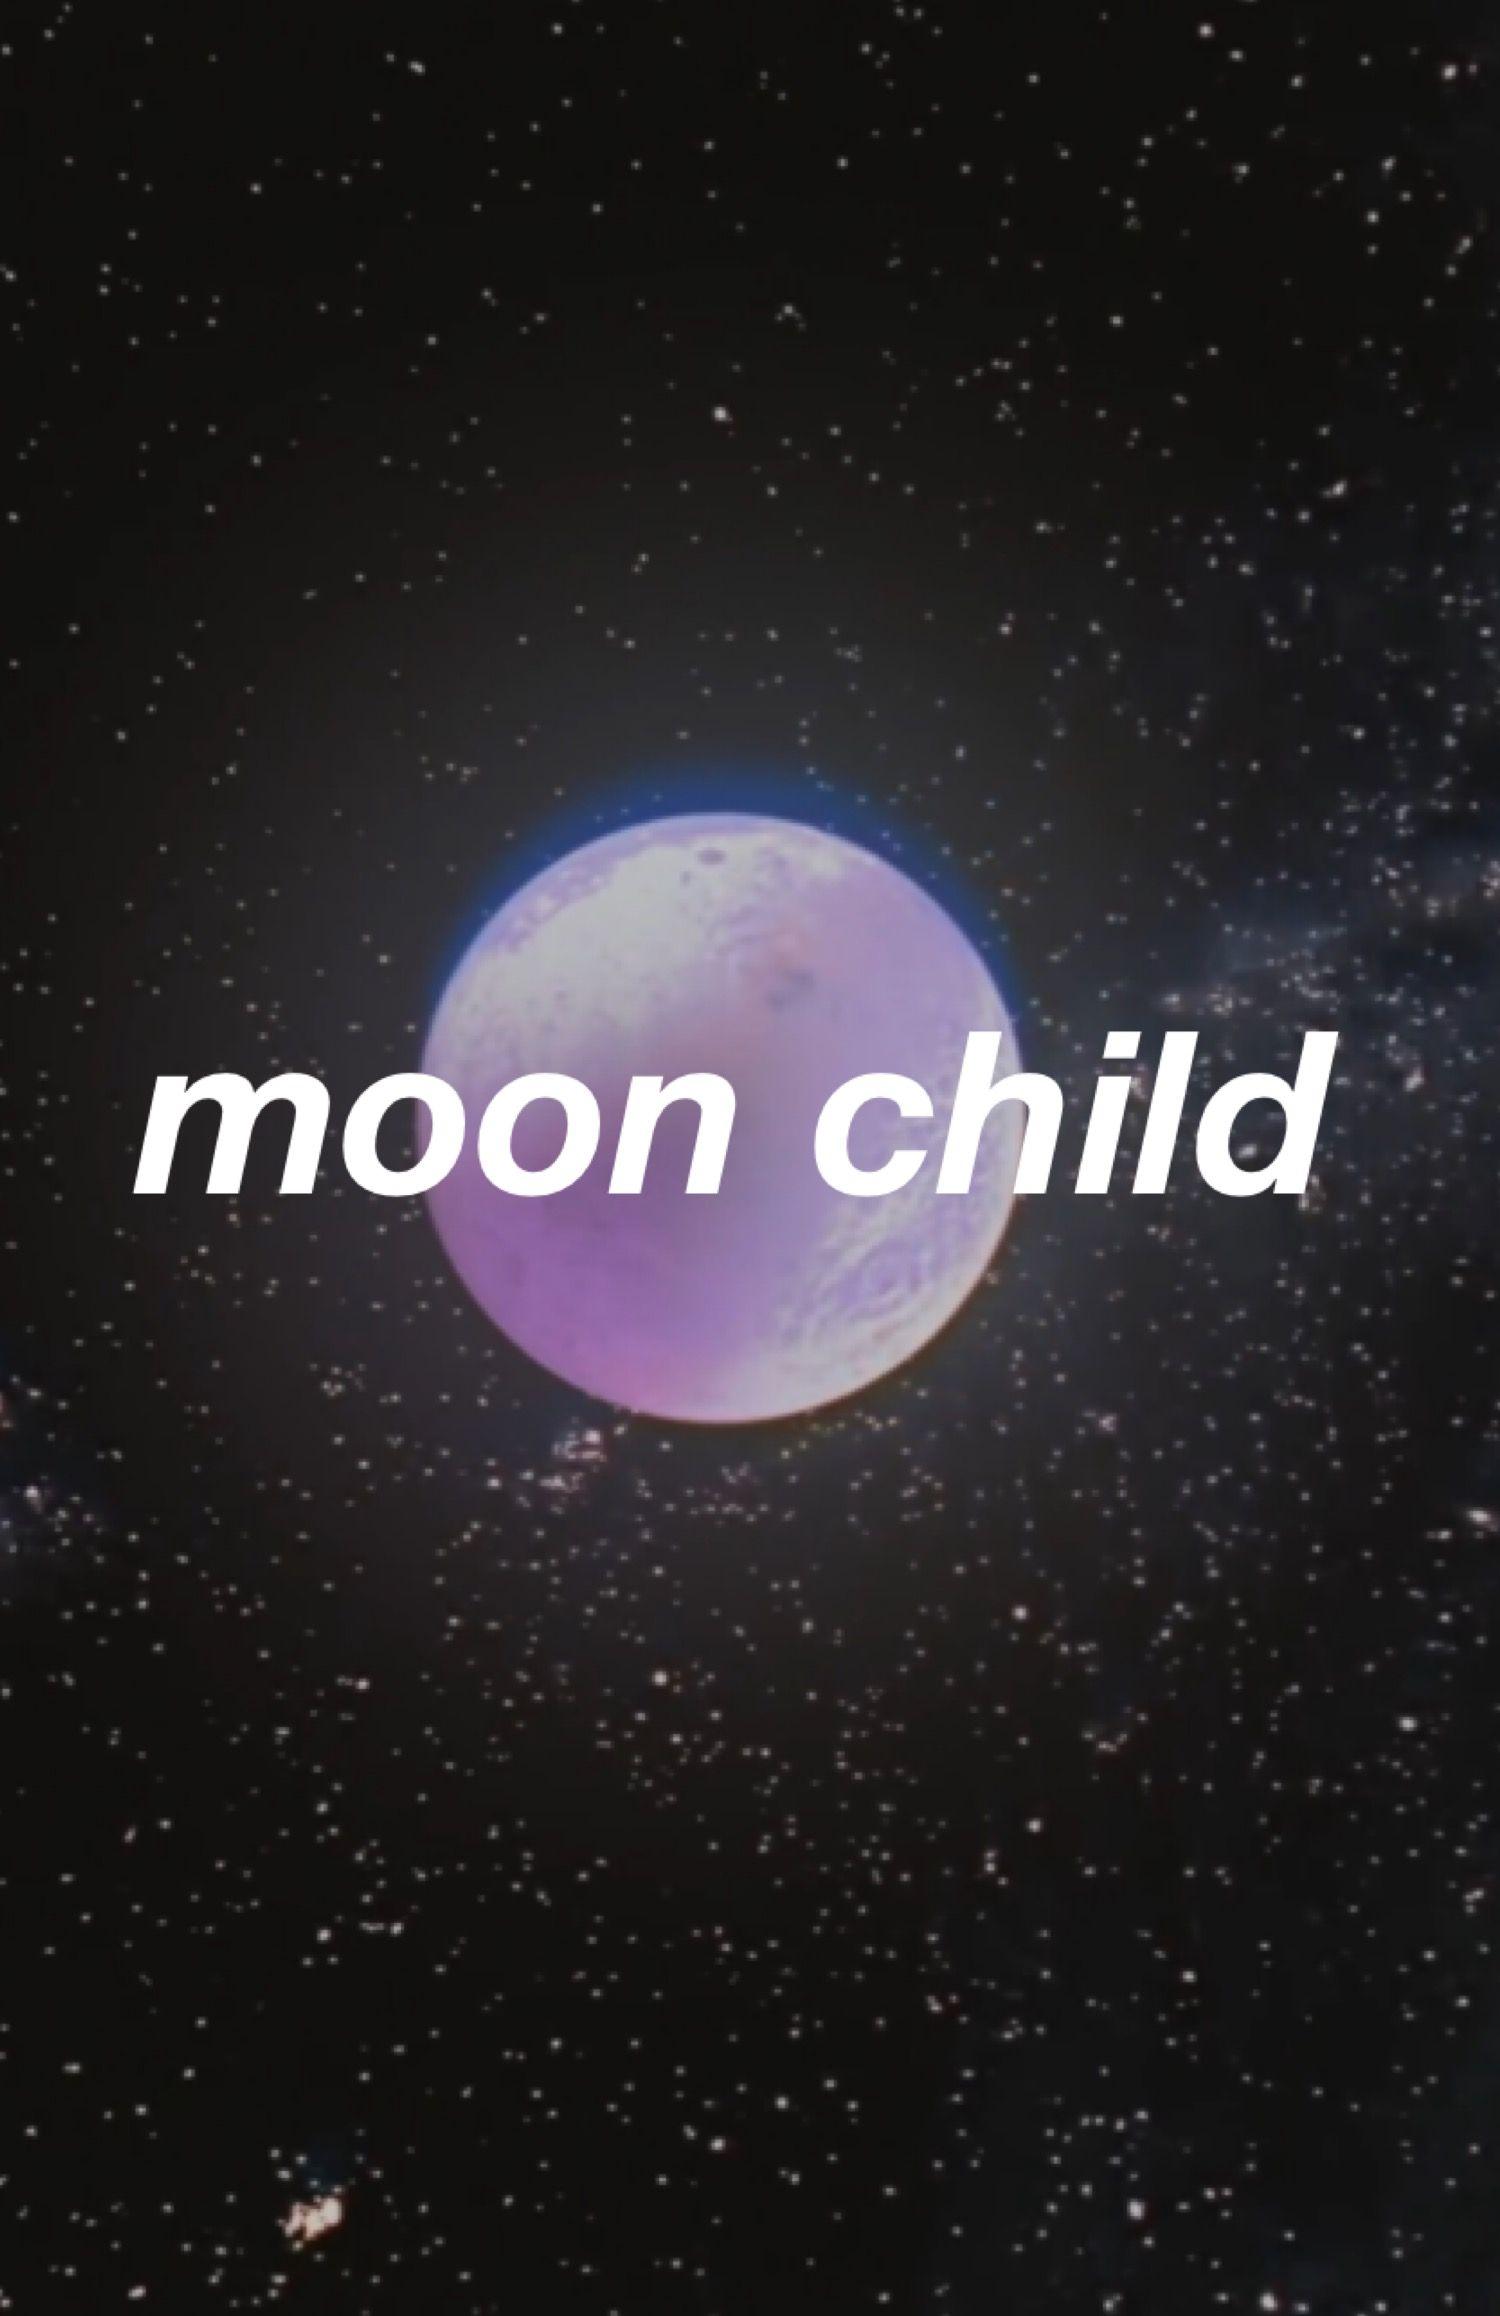 Pin By Deena Berube On ʙᴀɴɢᴛᴀɴᵃʳᵐʸ Moon Child Bts Wallpaper Moon Child Tattoo